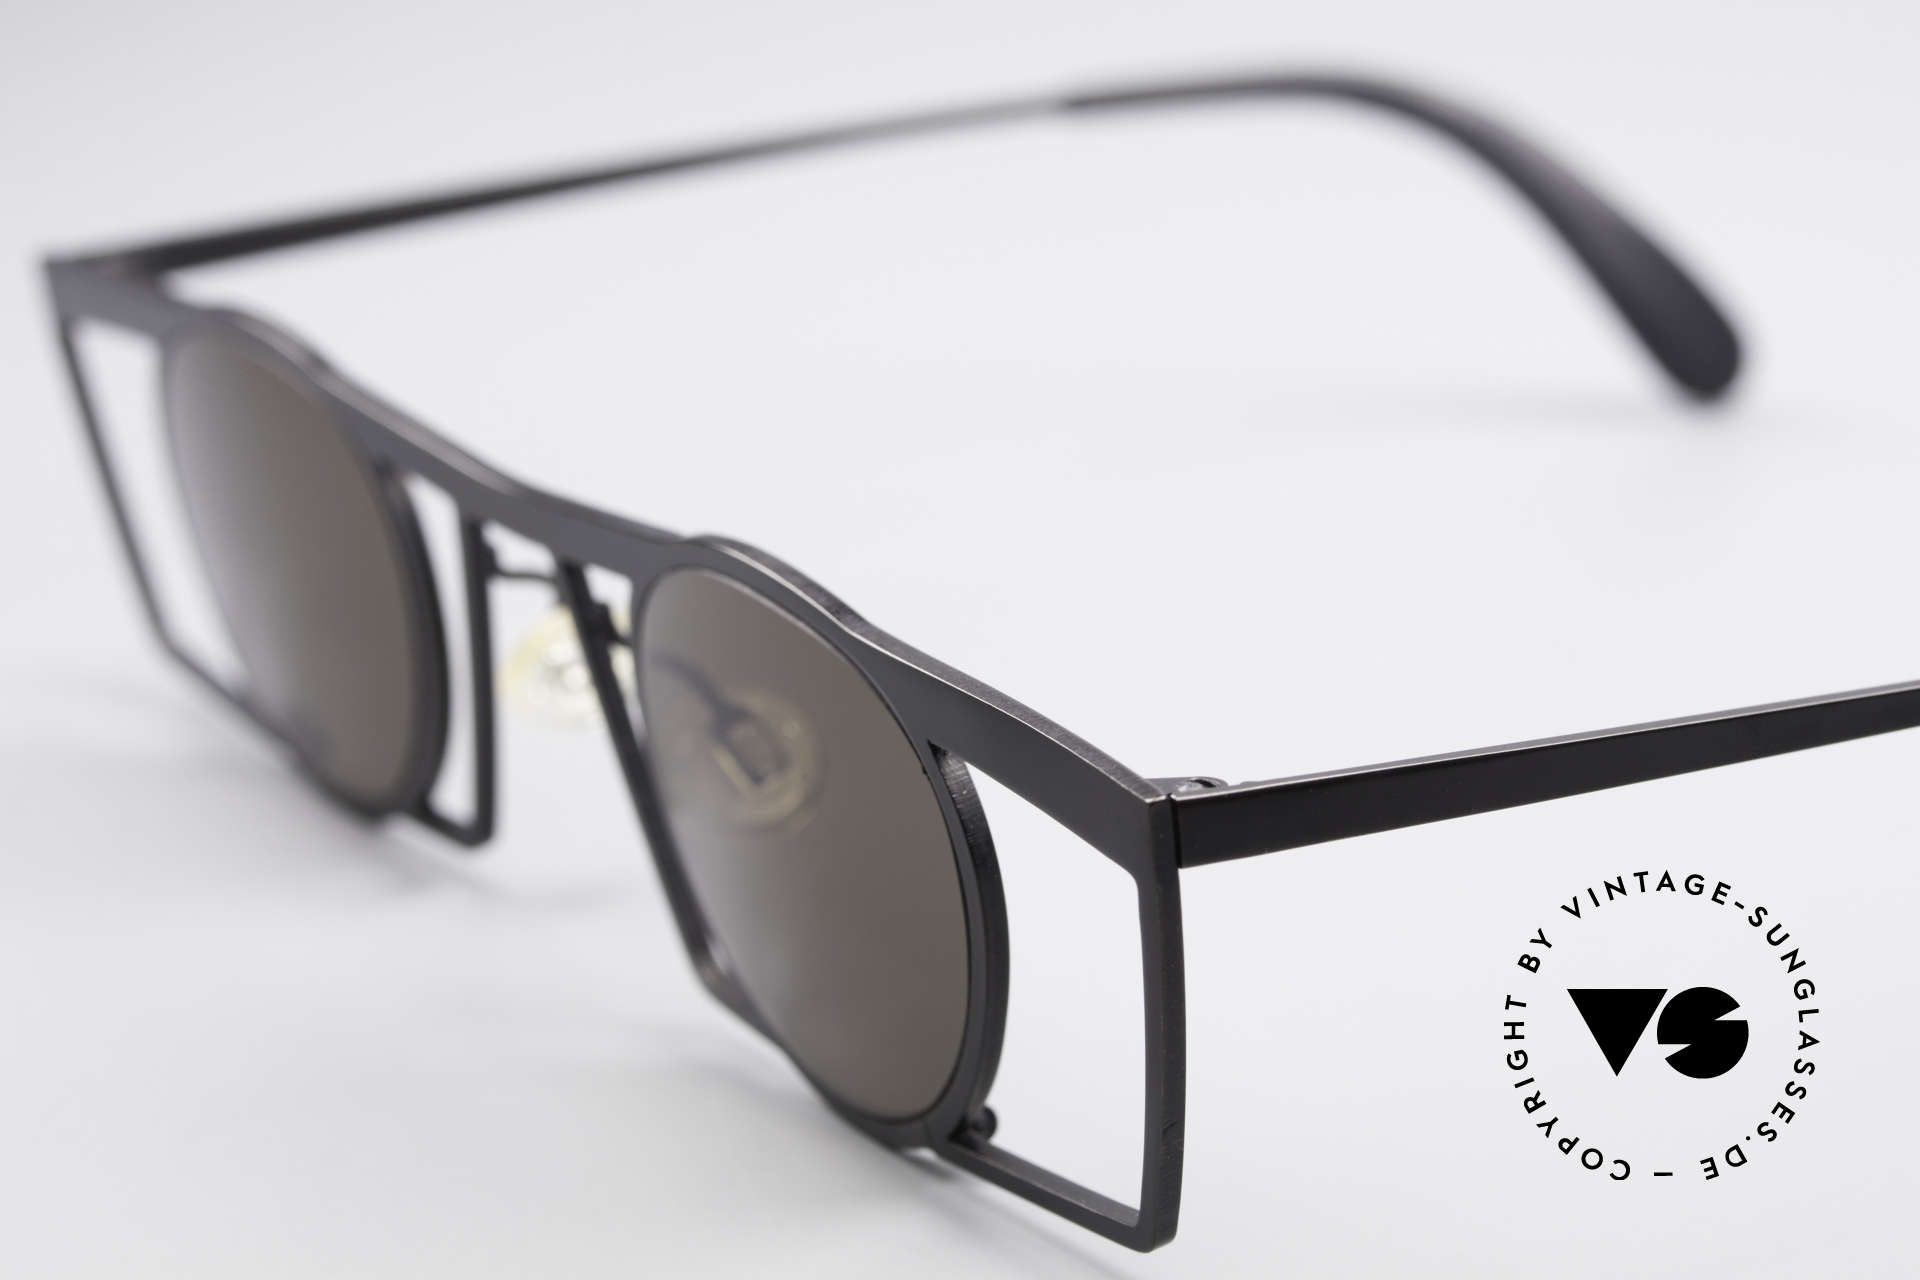 Theo Belgium Jupiter Eckige Designer Sonnenbrille, runde Gläser in einem spektakulären (eckigen) Rahmen, Passend für Herren und Damen